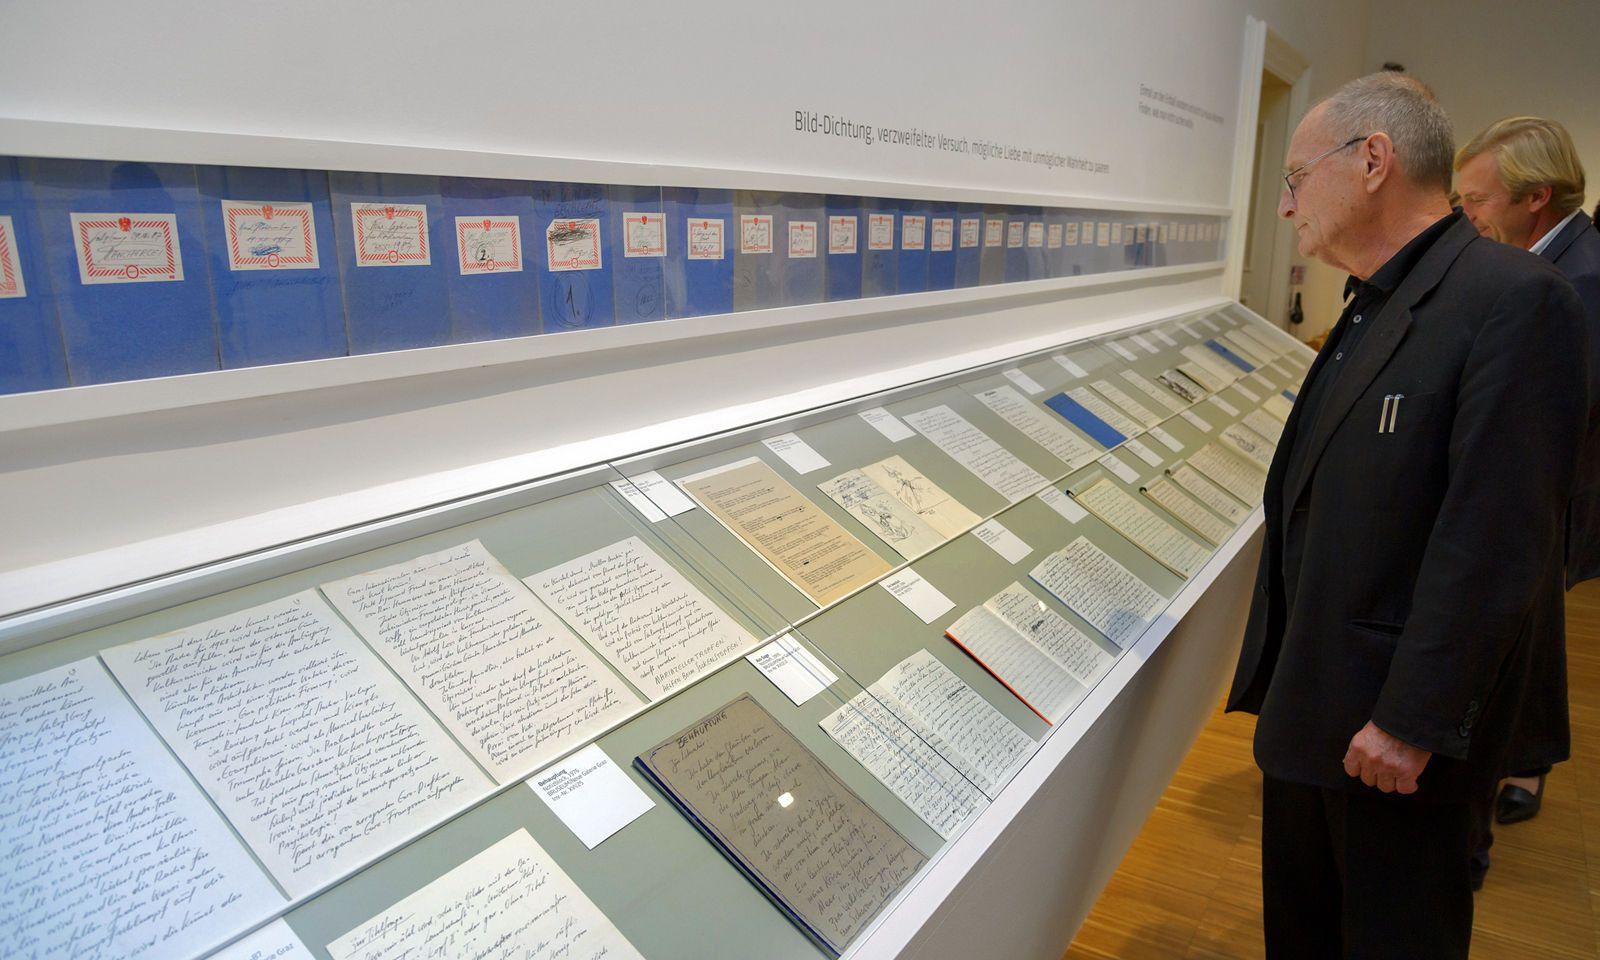 Günter Brus. Der als Aktionist berühmt gewordene Künstler hat dem Grazer Universalmuseum Joanneum seinen literarischen Vorlass überlassen.